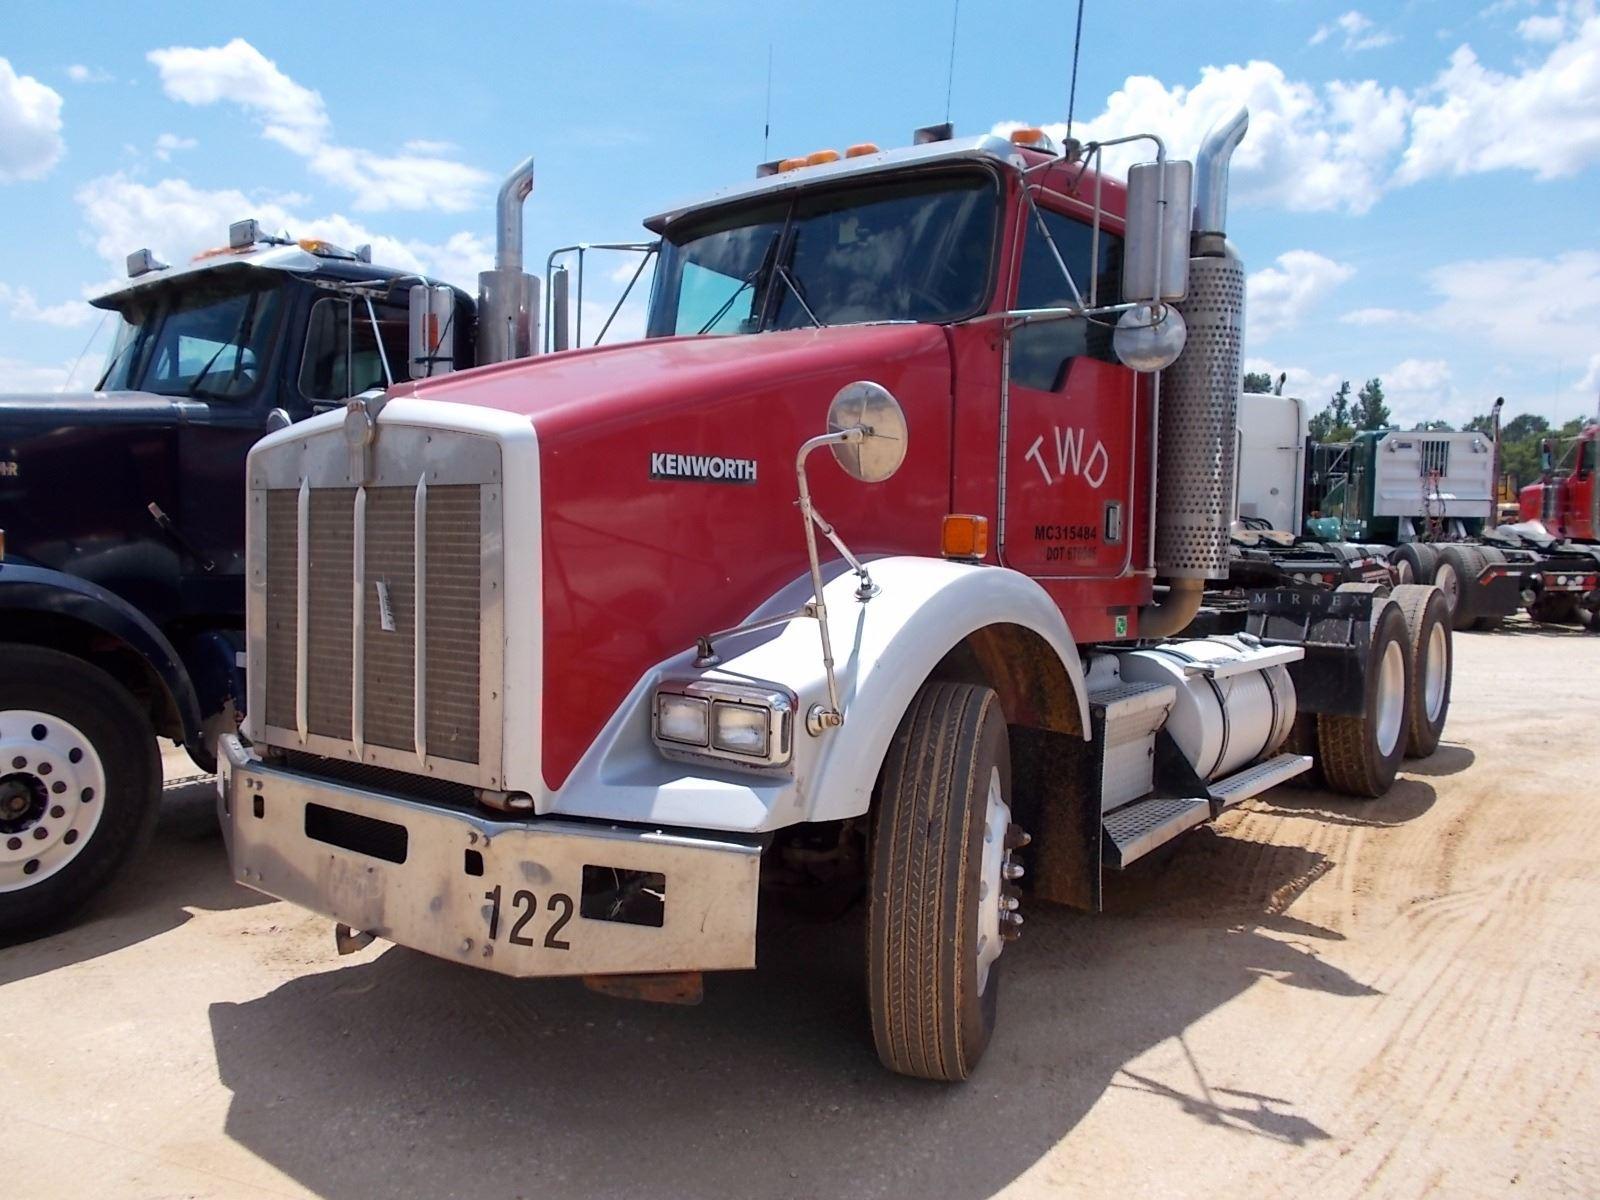 1999 KENWORTH T800 TRUCK TRACTOR, VIN/SN:1XKDDB9X3XJ797273 - 475HP CAT  3406B DIESEL ENGINE, 10 SPD T